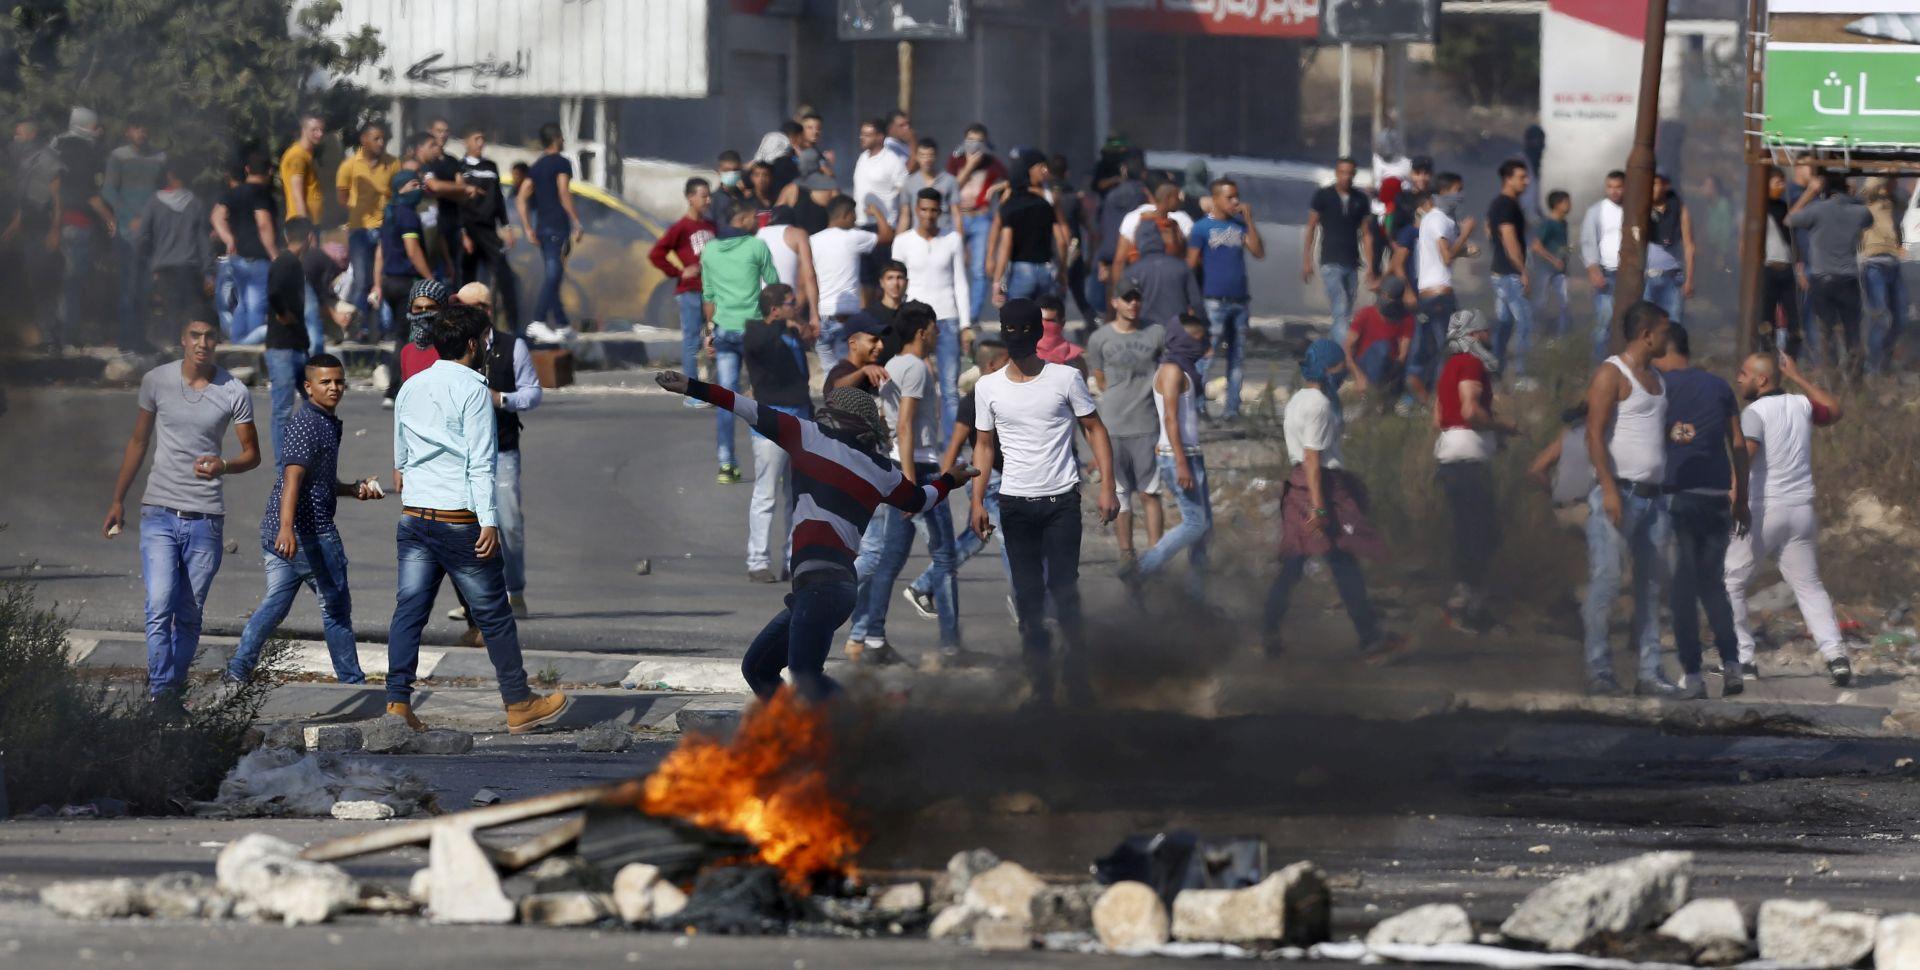 SAMO U PETAK SEDAM UBIJENIH PALESTINACA Vođa Hamasa u Gazi pozvao na ustanak